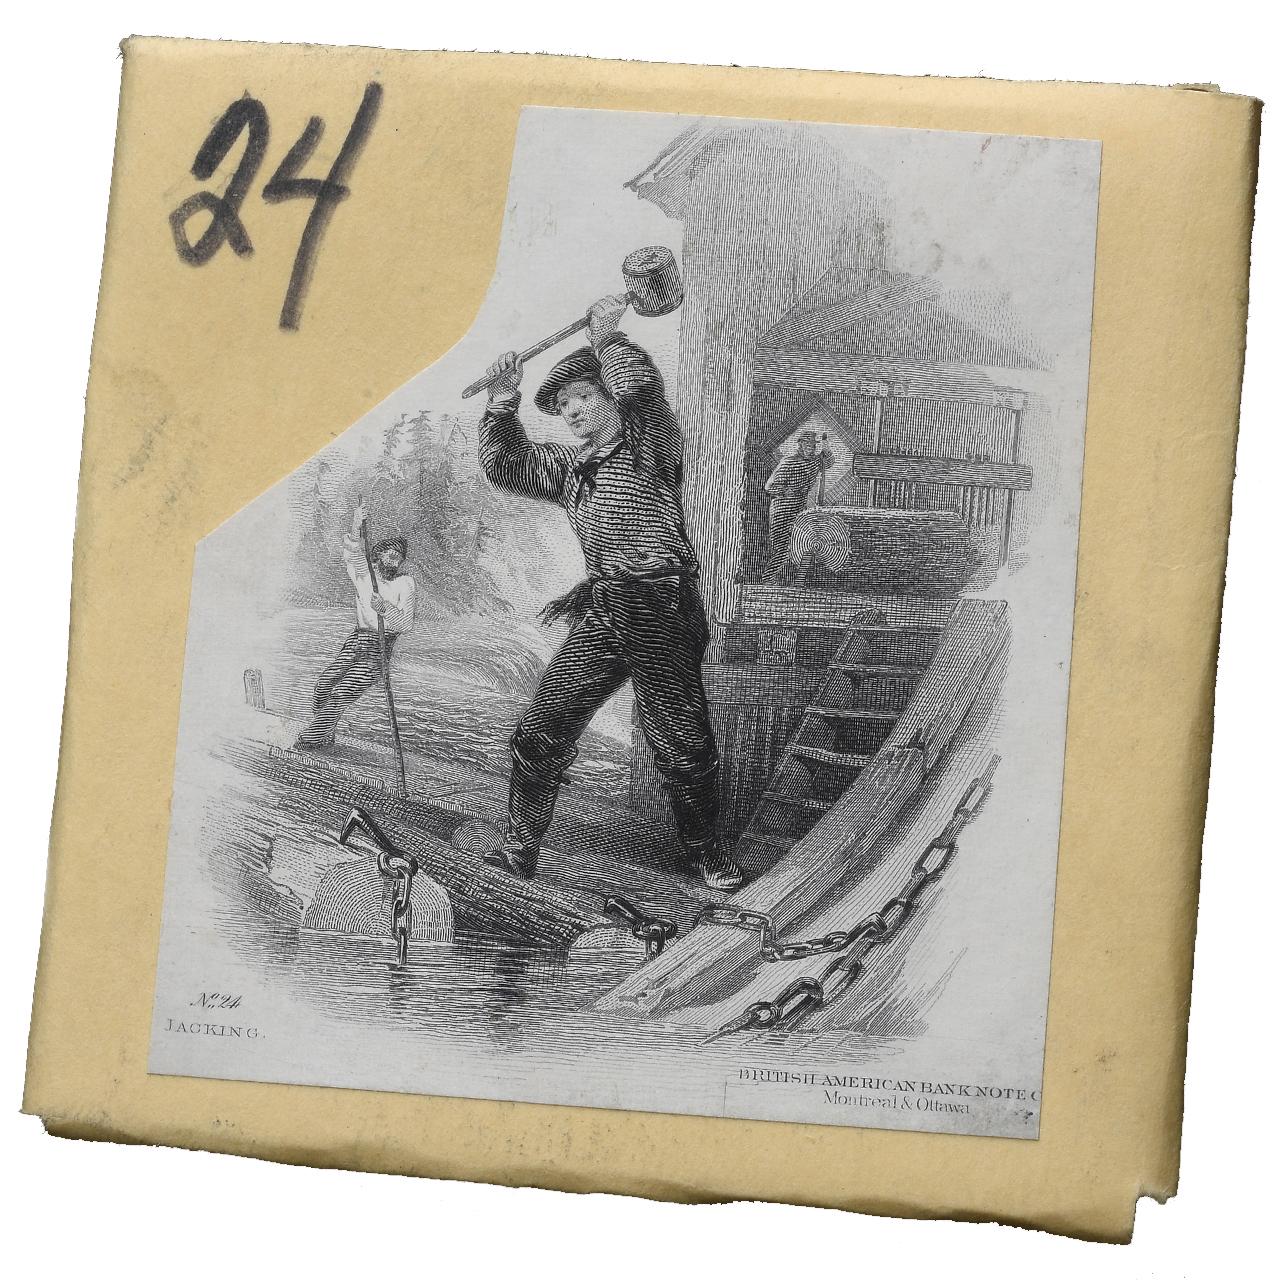 enveloppe sur laquelle figure une image imprimée d'un coin gravé